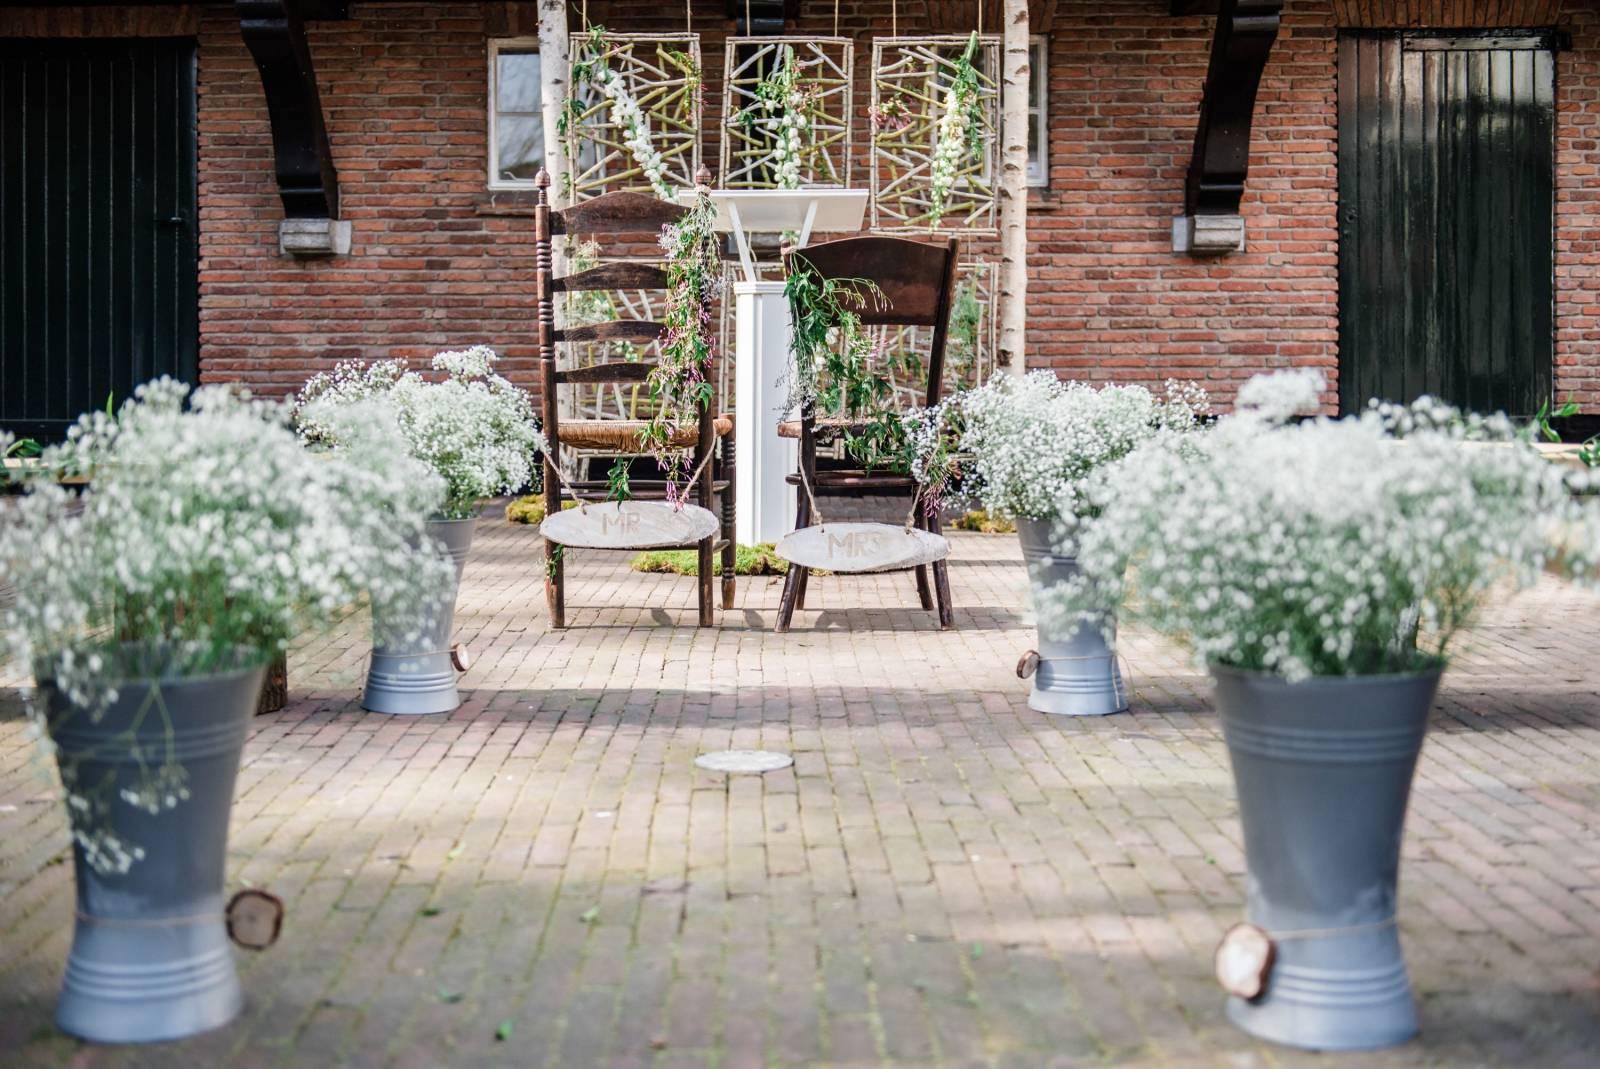 In Style Styling & Decoraties - Trouwdecoratie - Verhuurbedrijf - Wedding Design - House of Weddings - 35